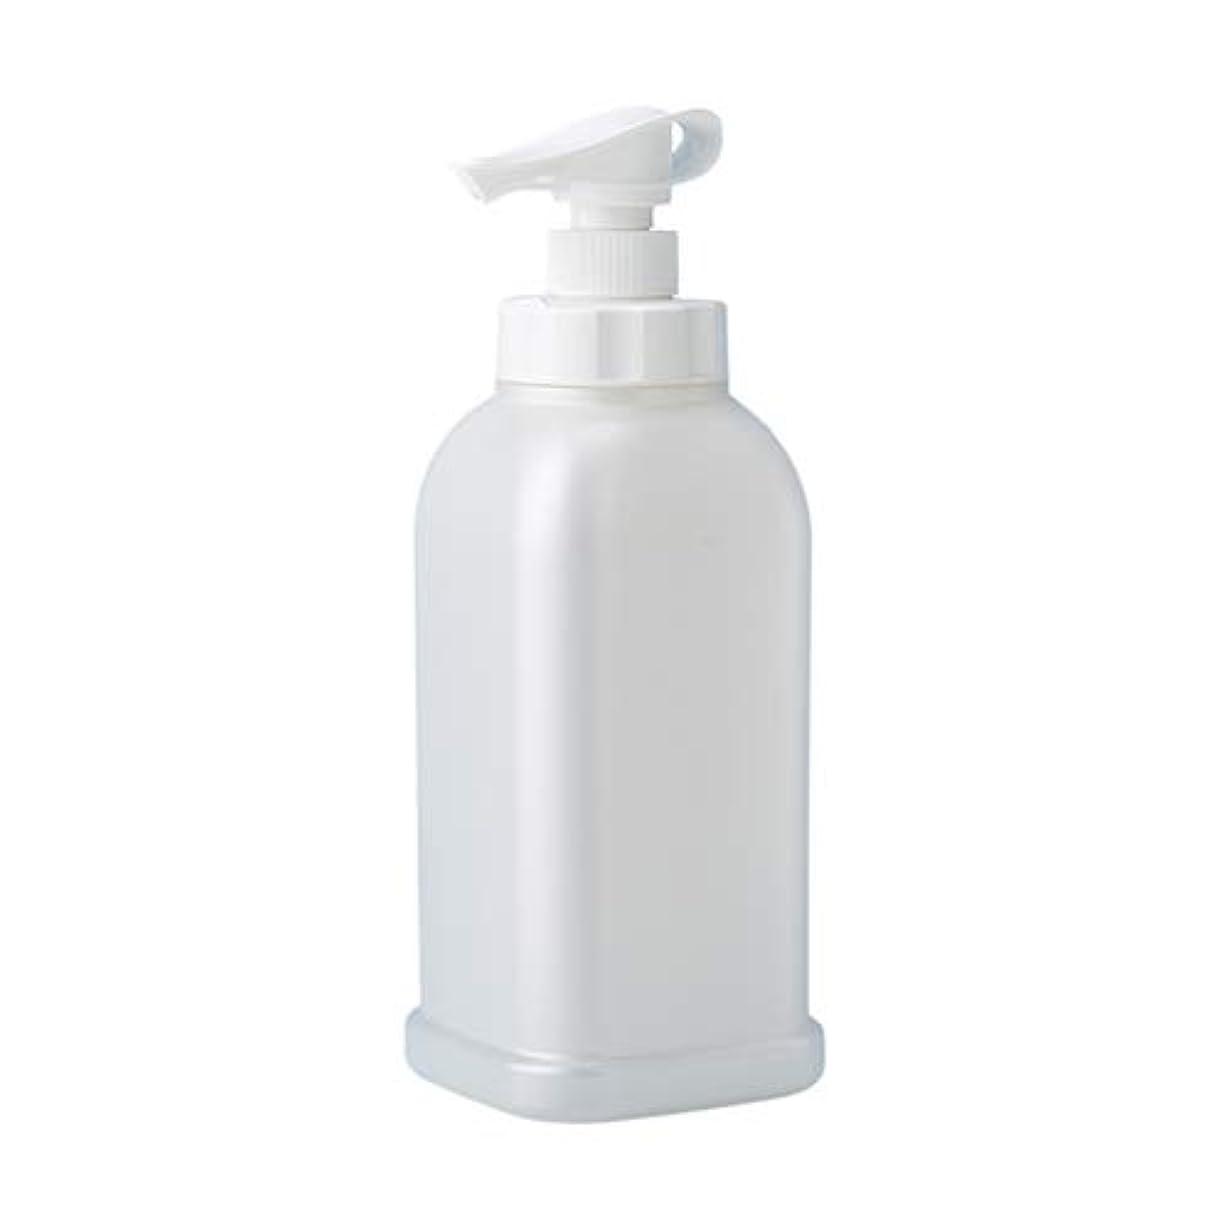 民間人ホバーページェント安定感のある ポンプボトル シャンプー コンディショナー リンス ボディソープ ハンドソープ 1.2L詰め替え容器 パールホワイト